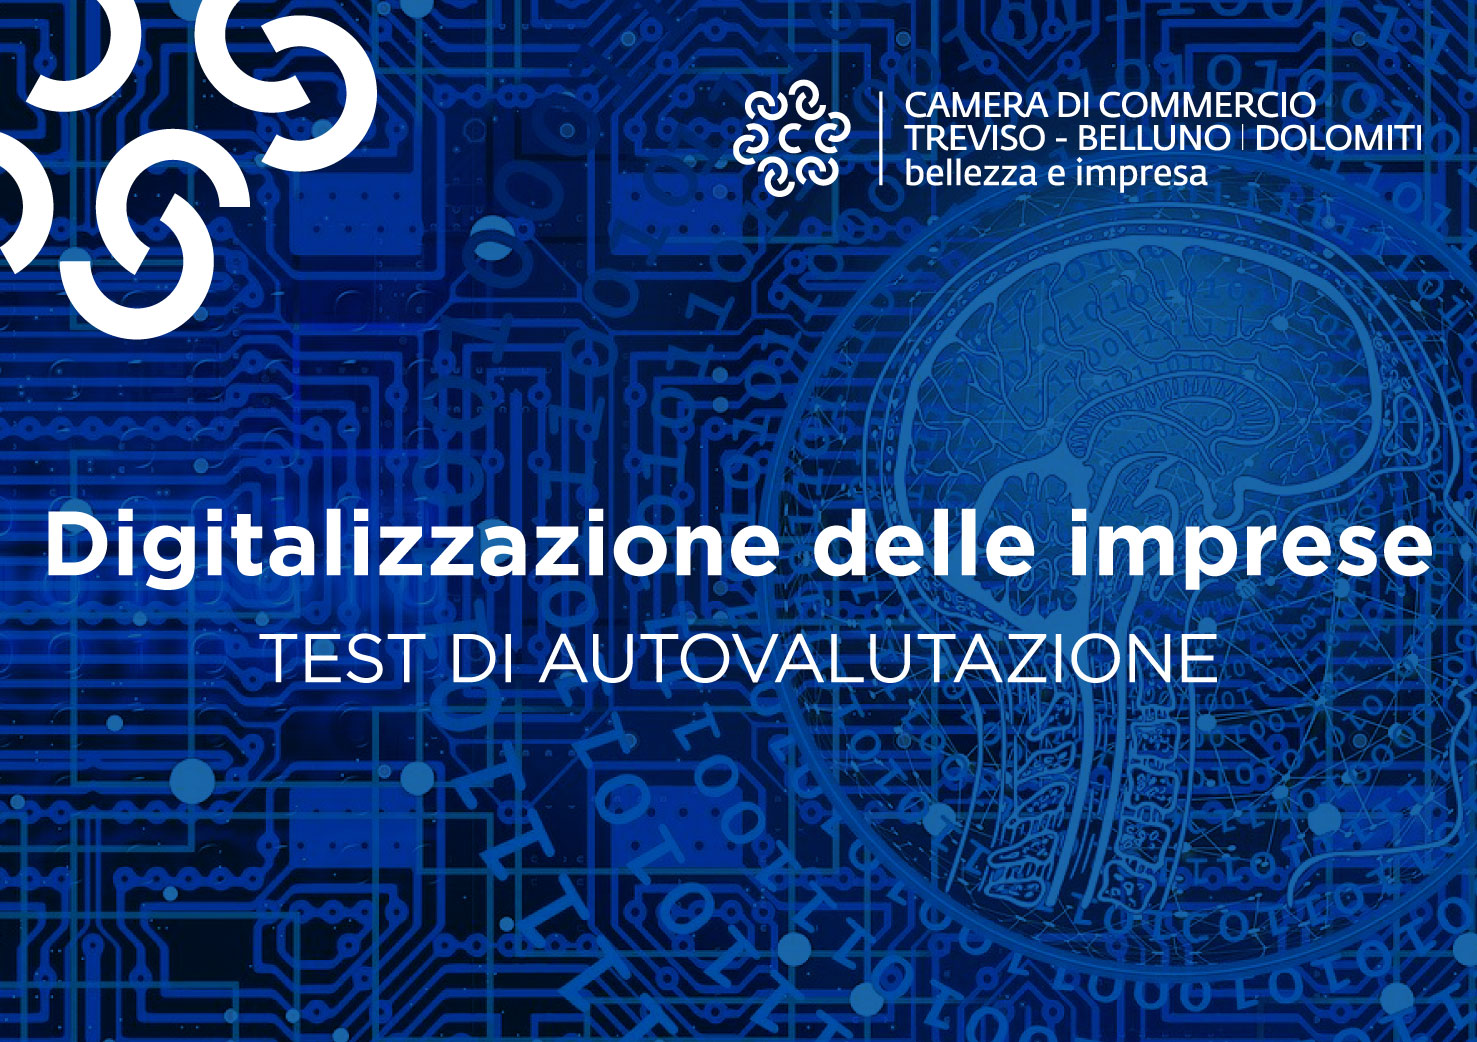 Campagna di sensibilizzazione sulla digitalizzazione delle imprese